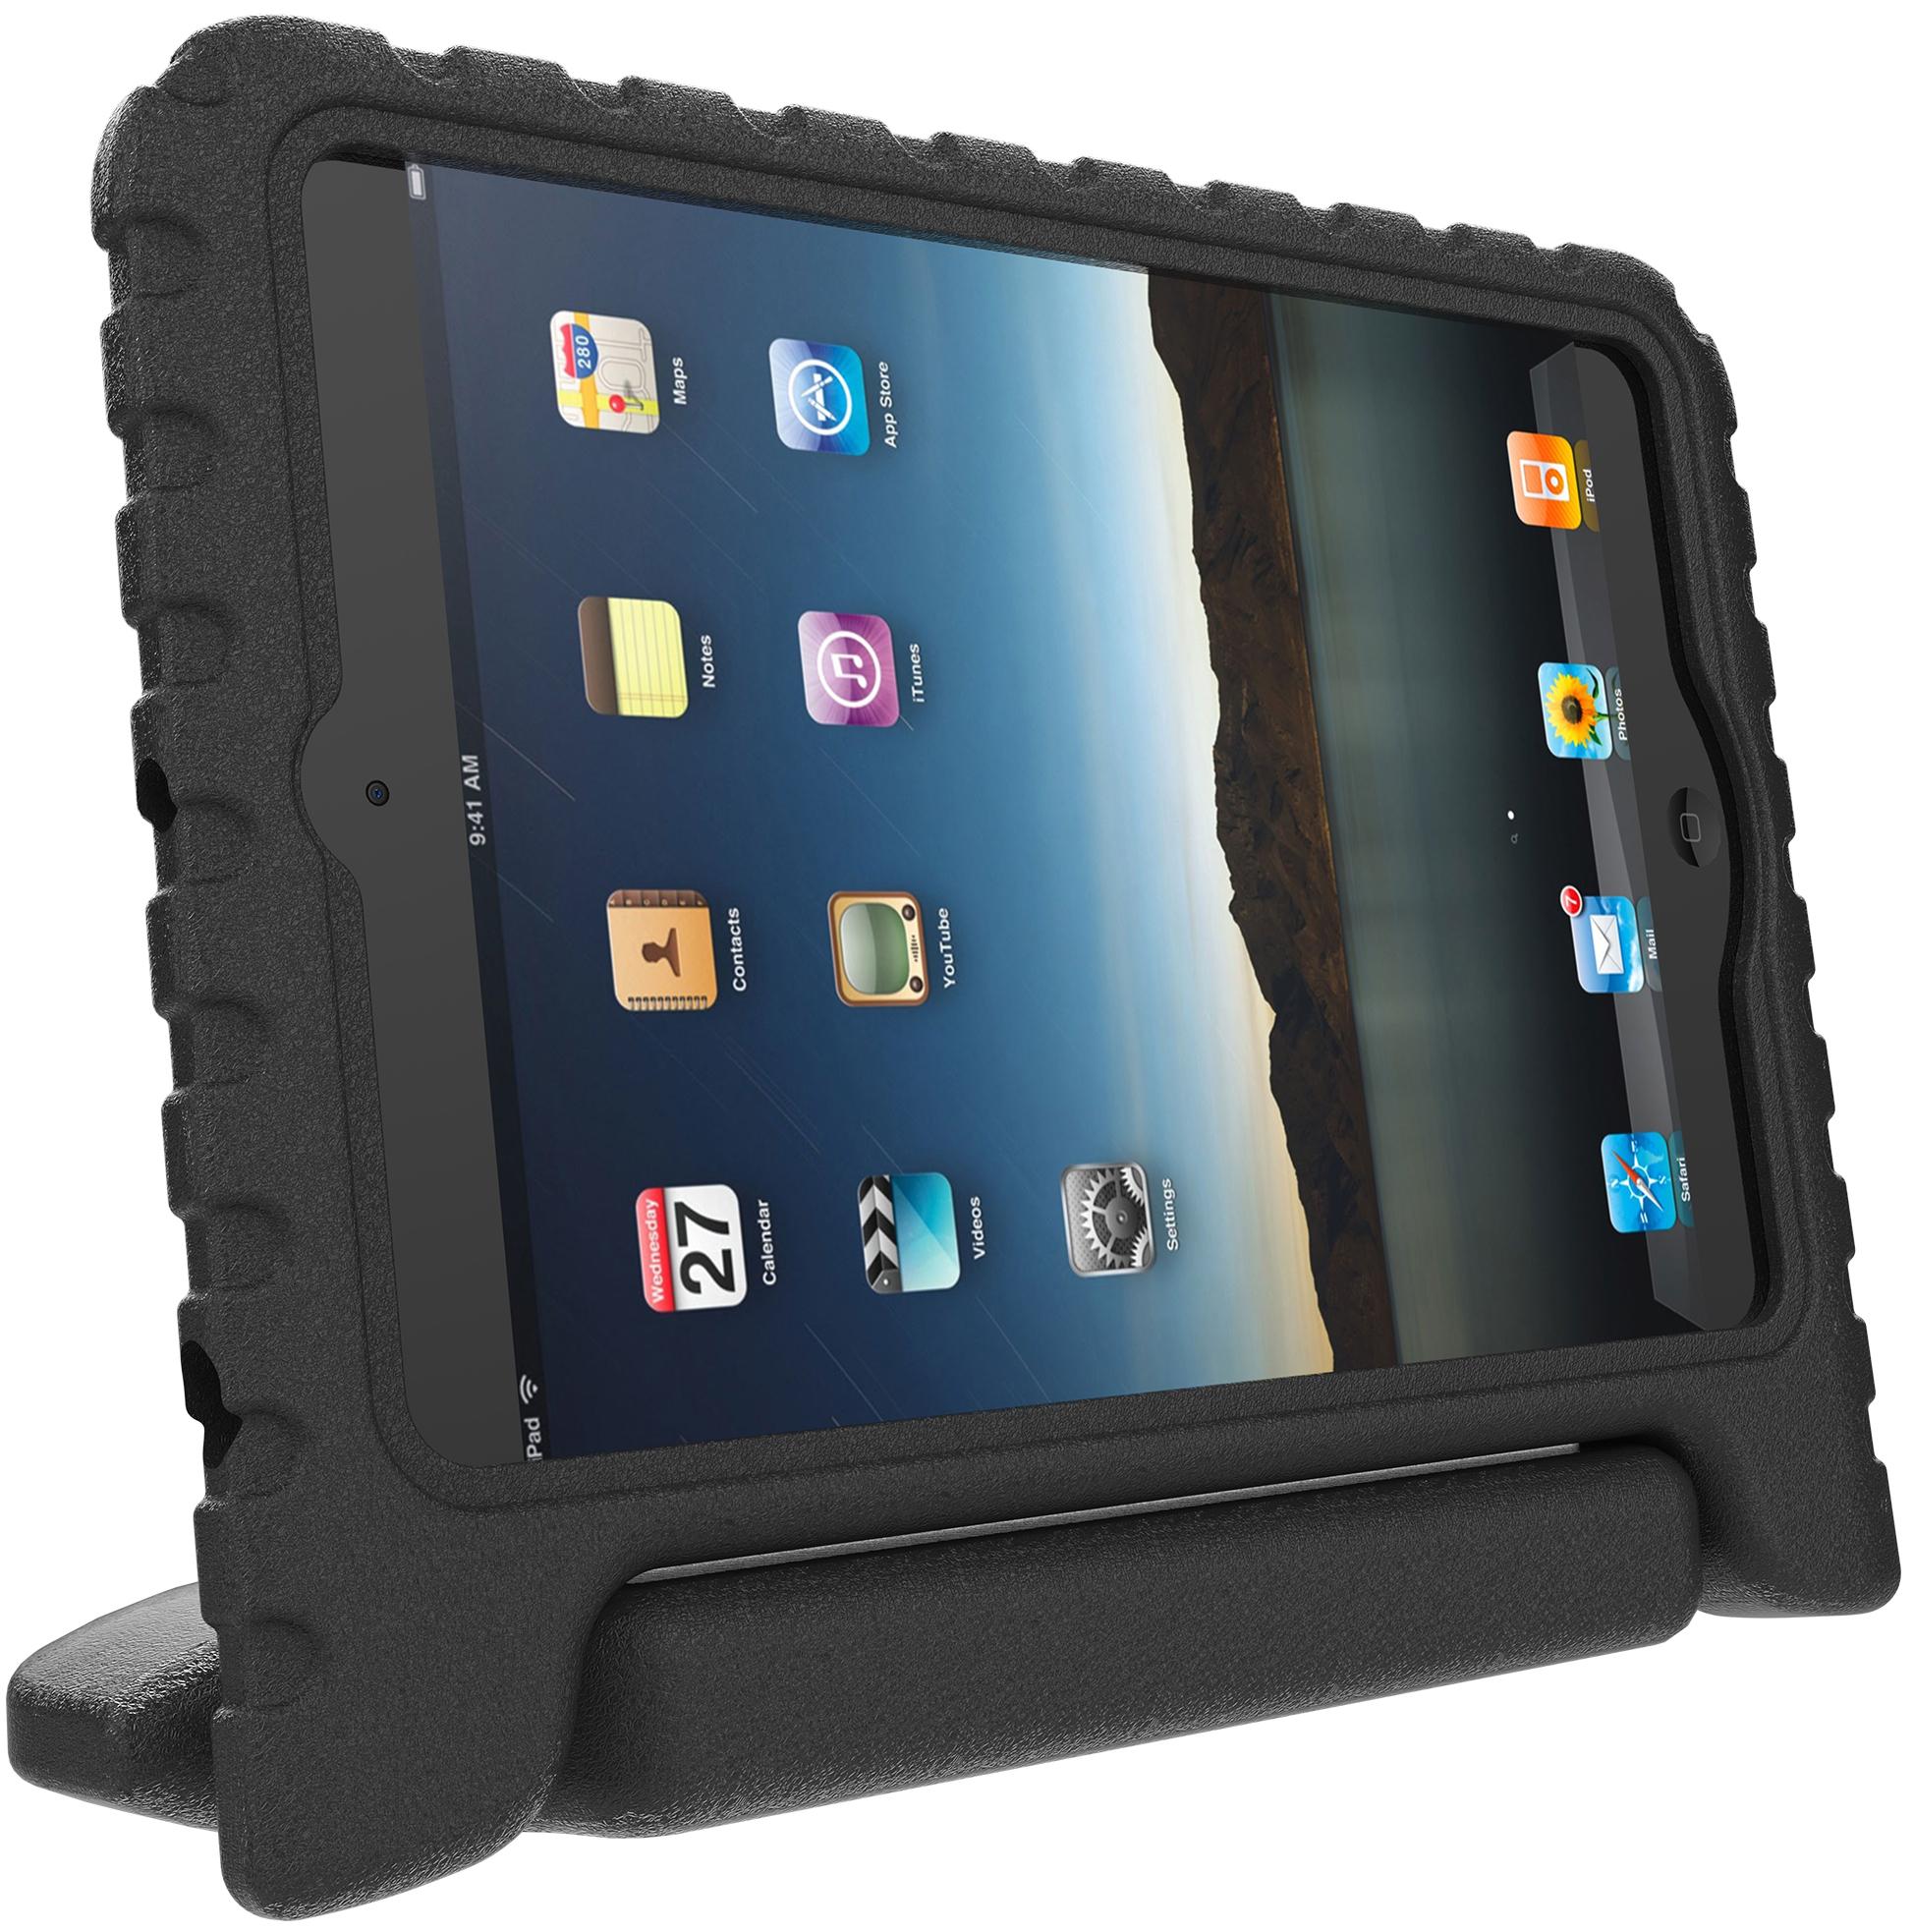 stalion safe shockproof foam kids case with handle for. Black Bedroom Furniture Sets. Home Design Ideas